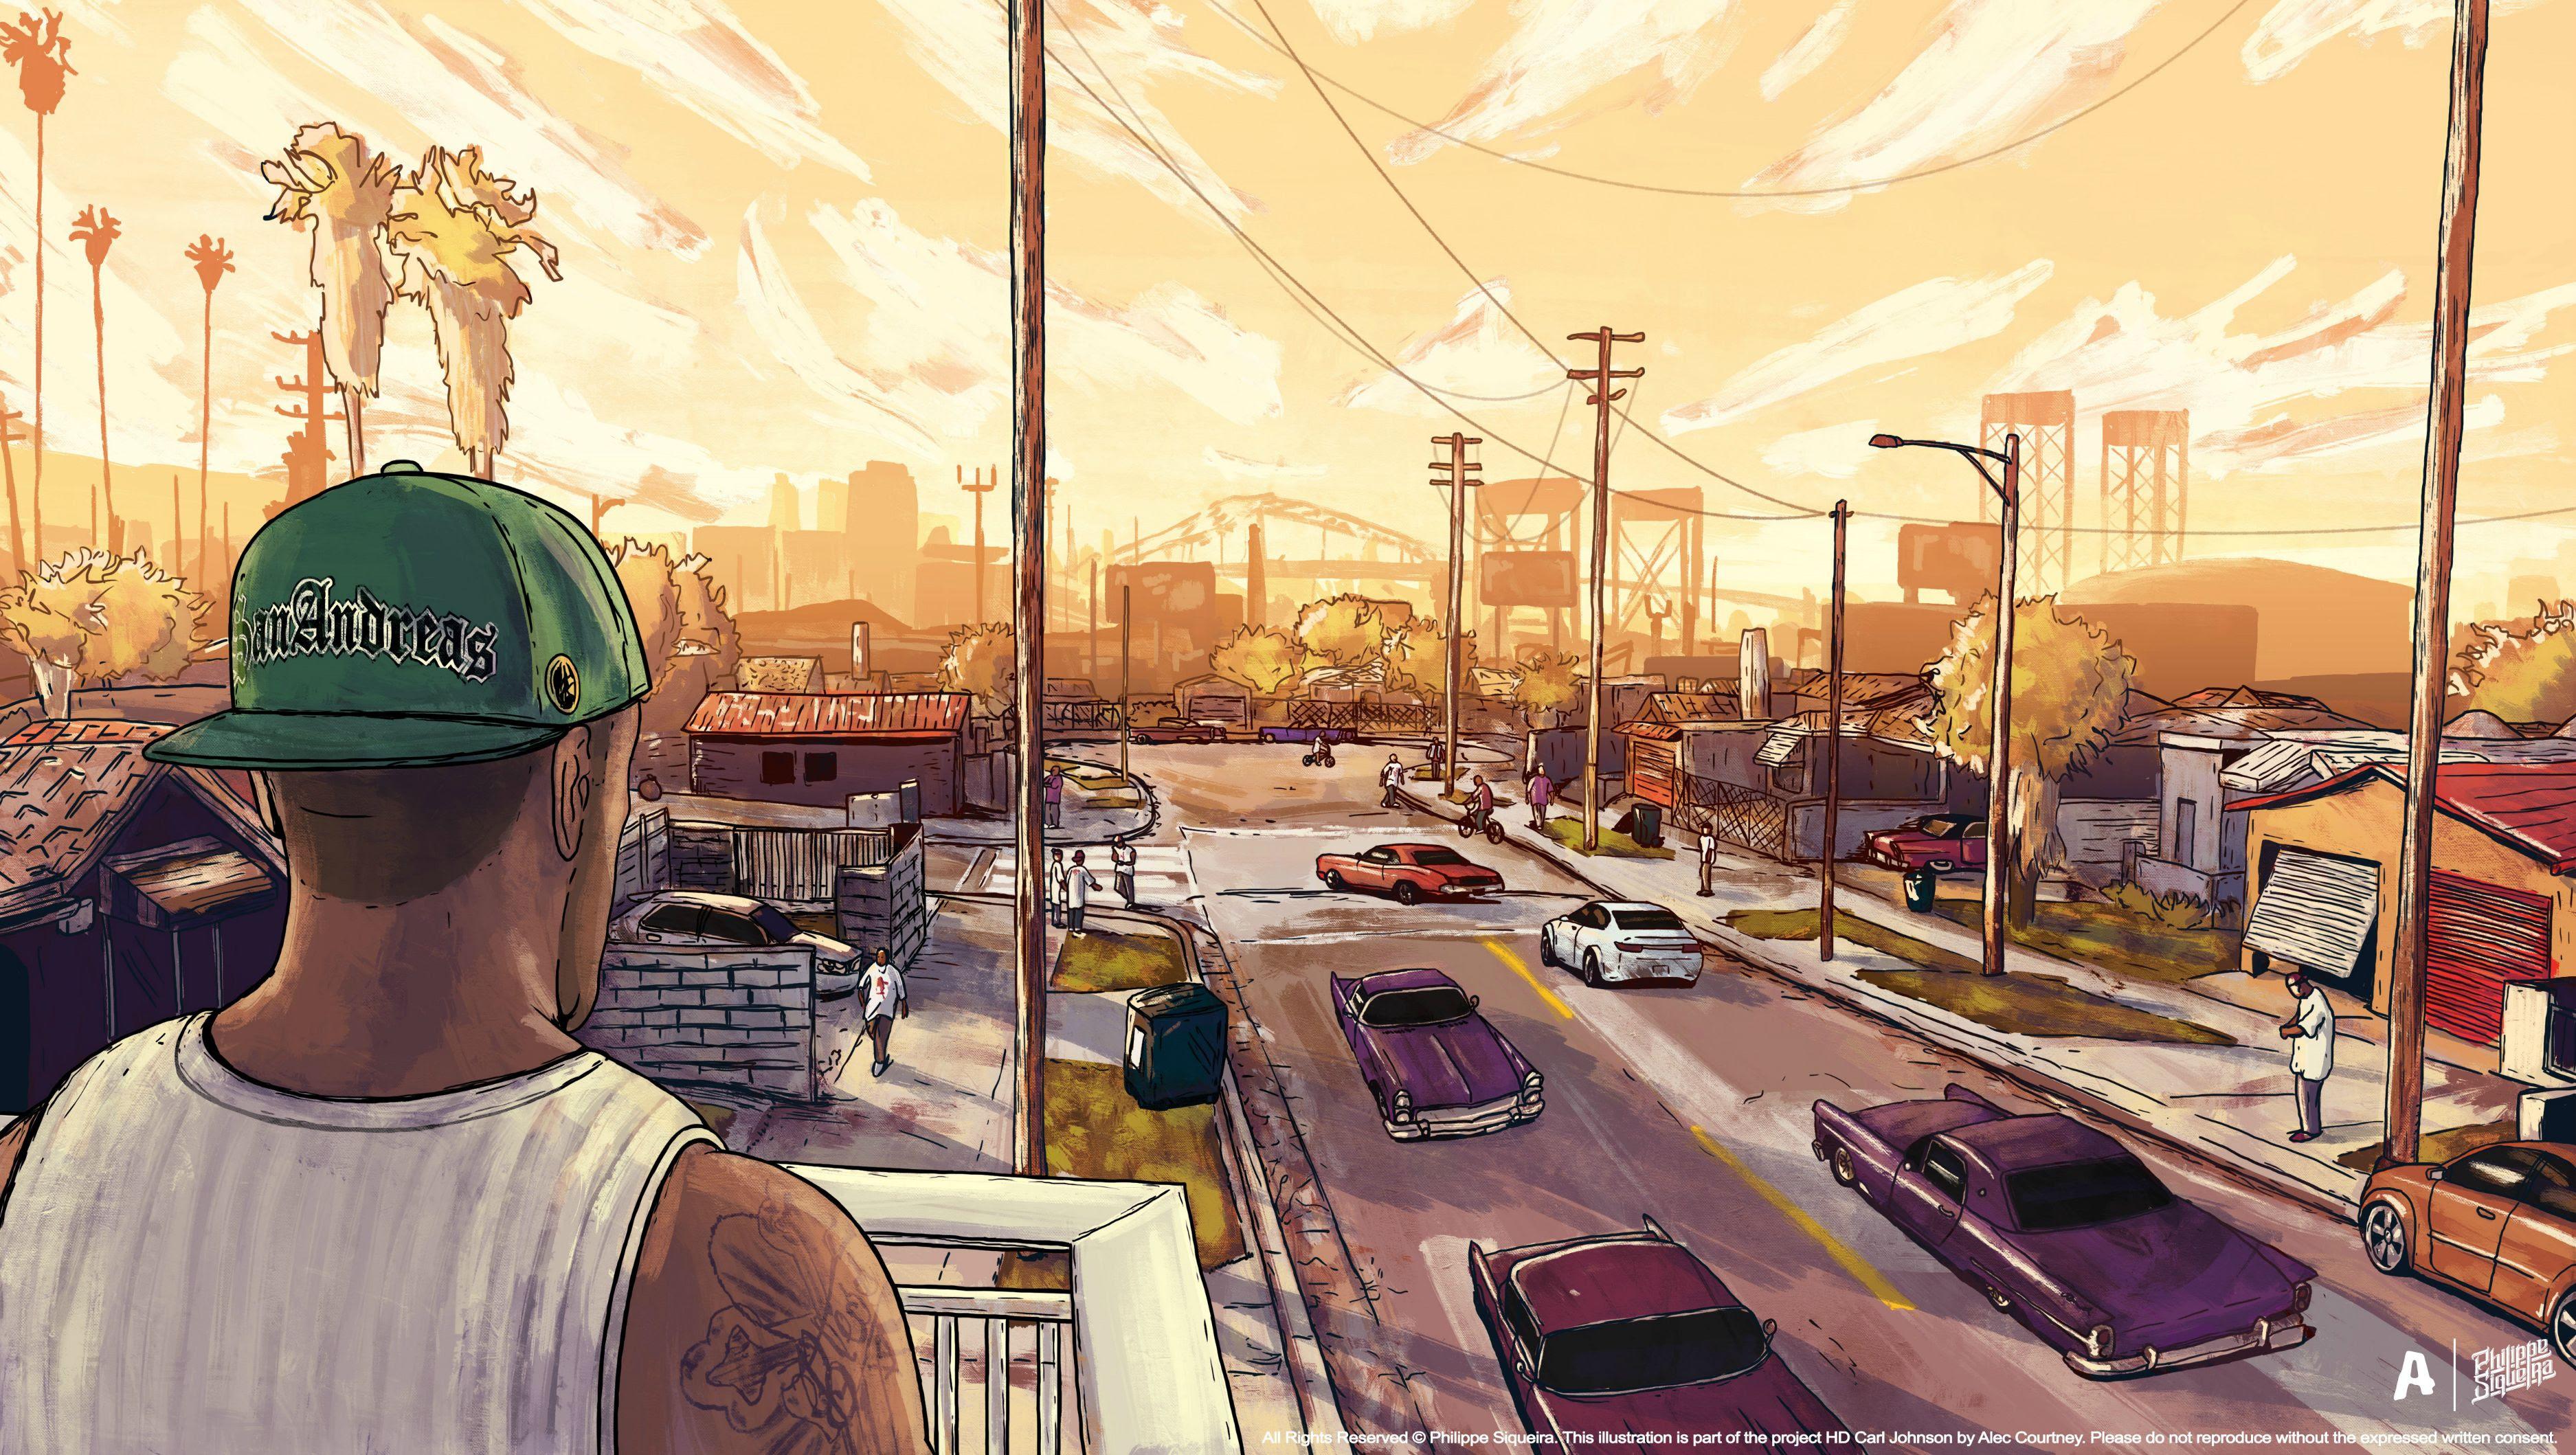 Gta San Andreas Artwork Hd Games 4k Wallpapers Images